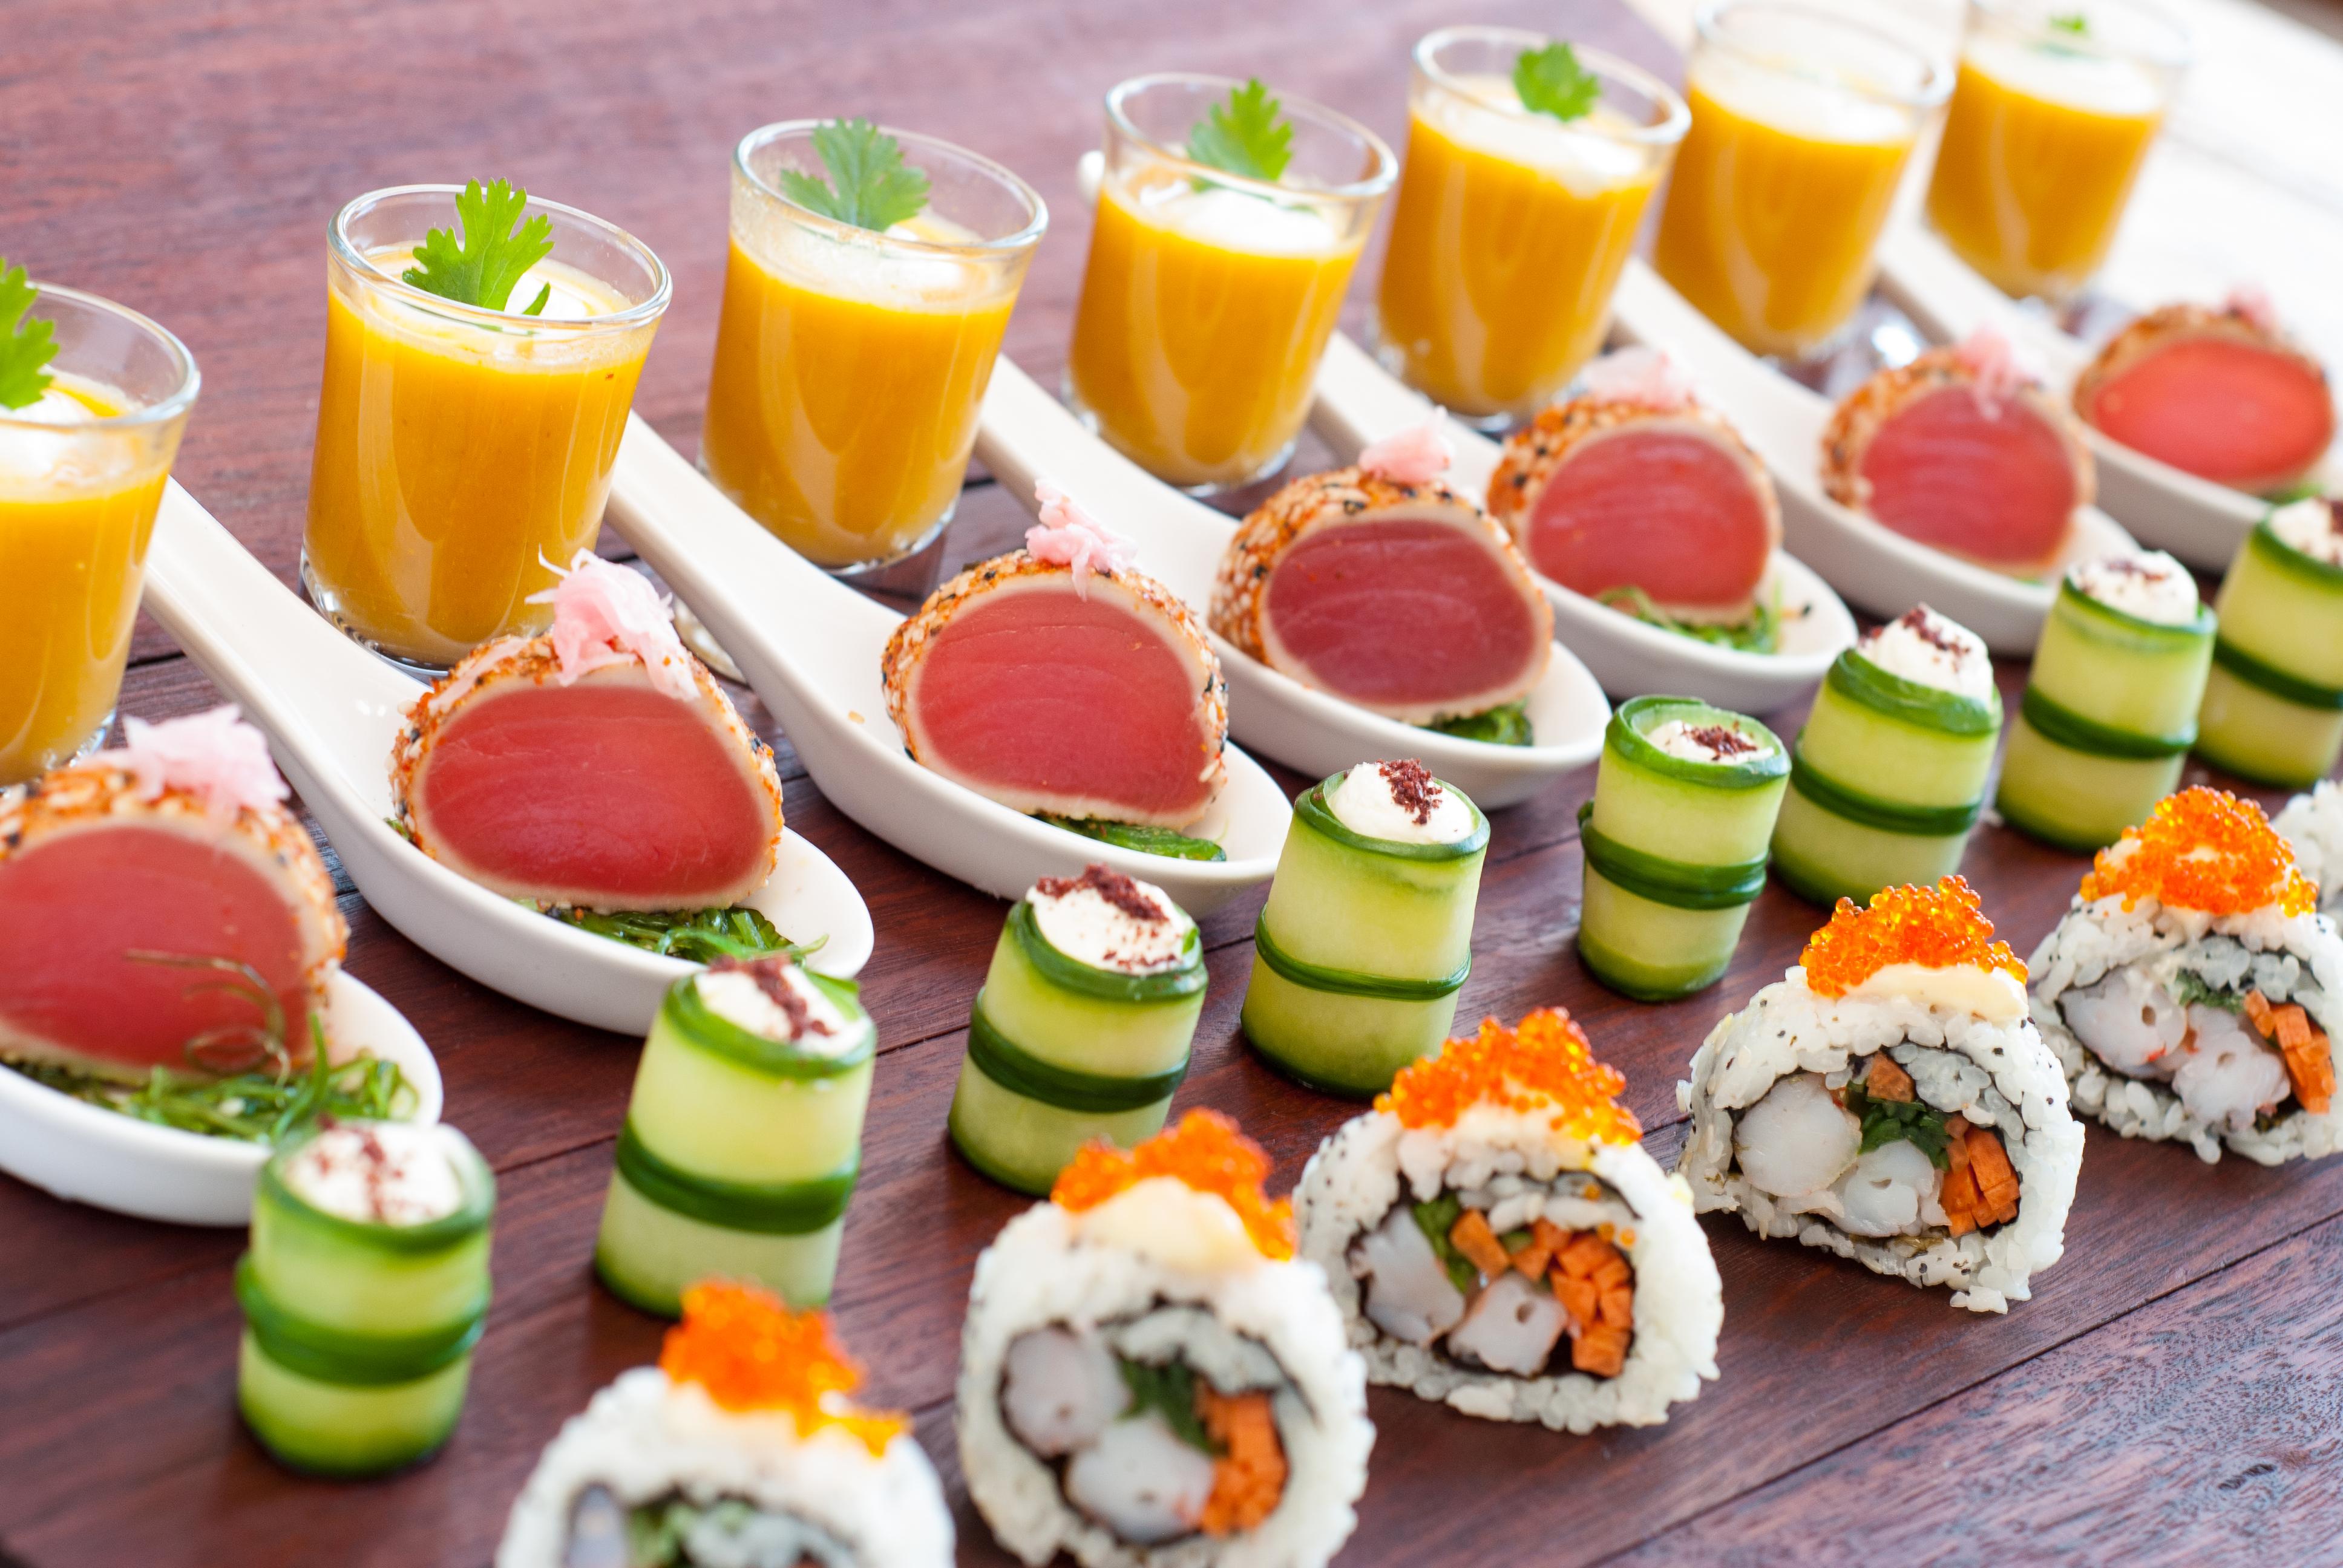 Маленький столик за углом - Том VI - Страница 2 Brendon-Downer-Canapes-Buffet-Kitchen-Platters_2905_20411